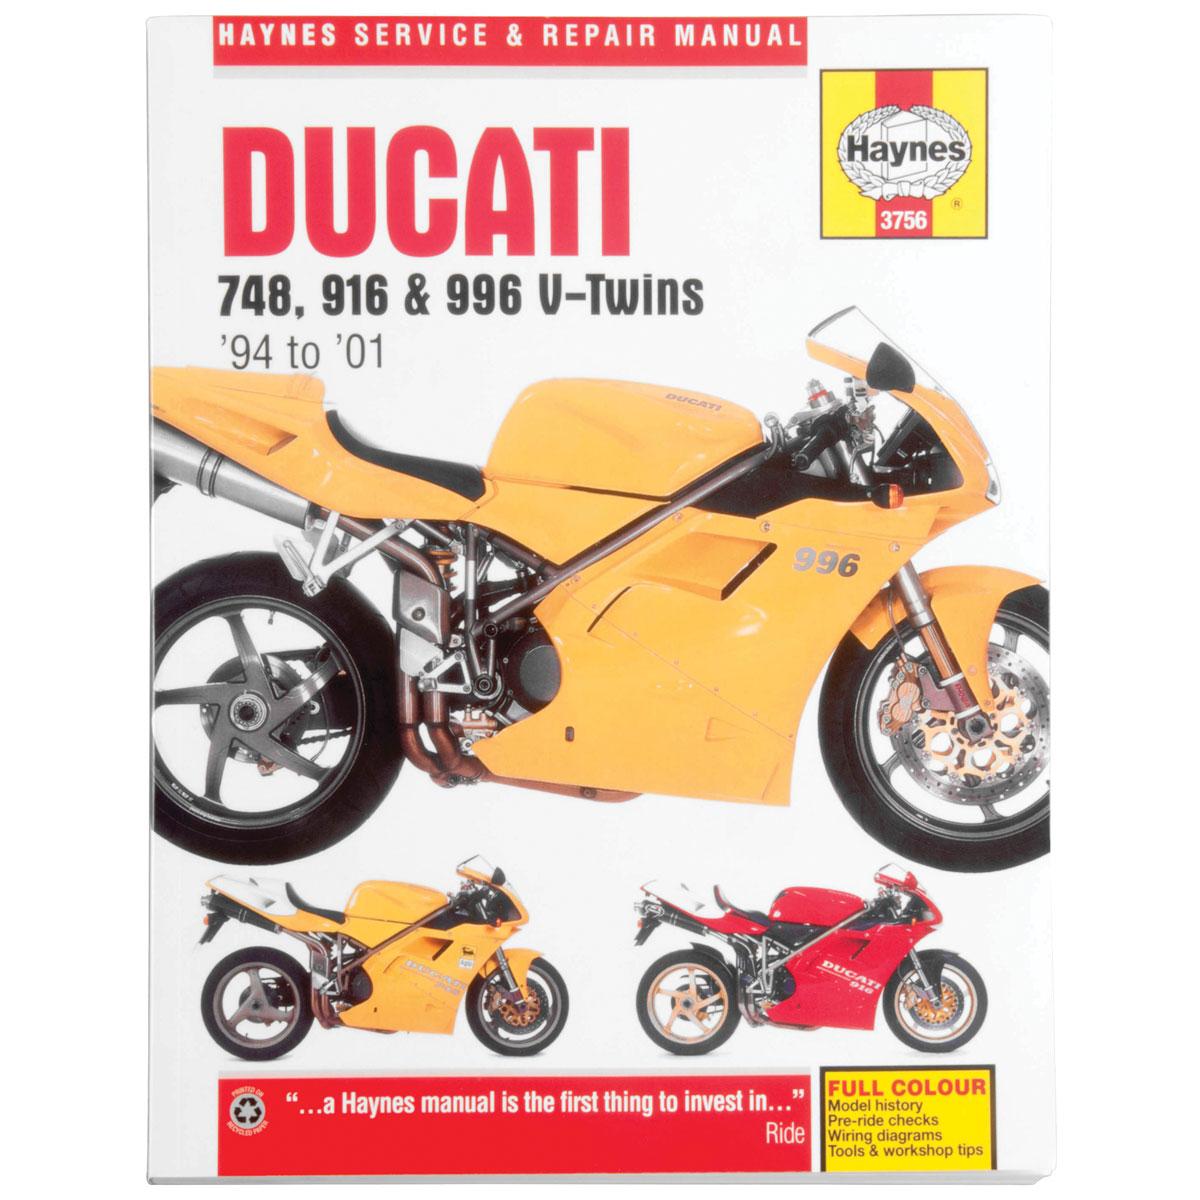 haynes ducati repair manual